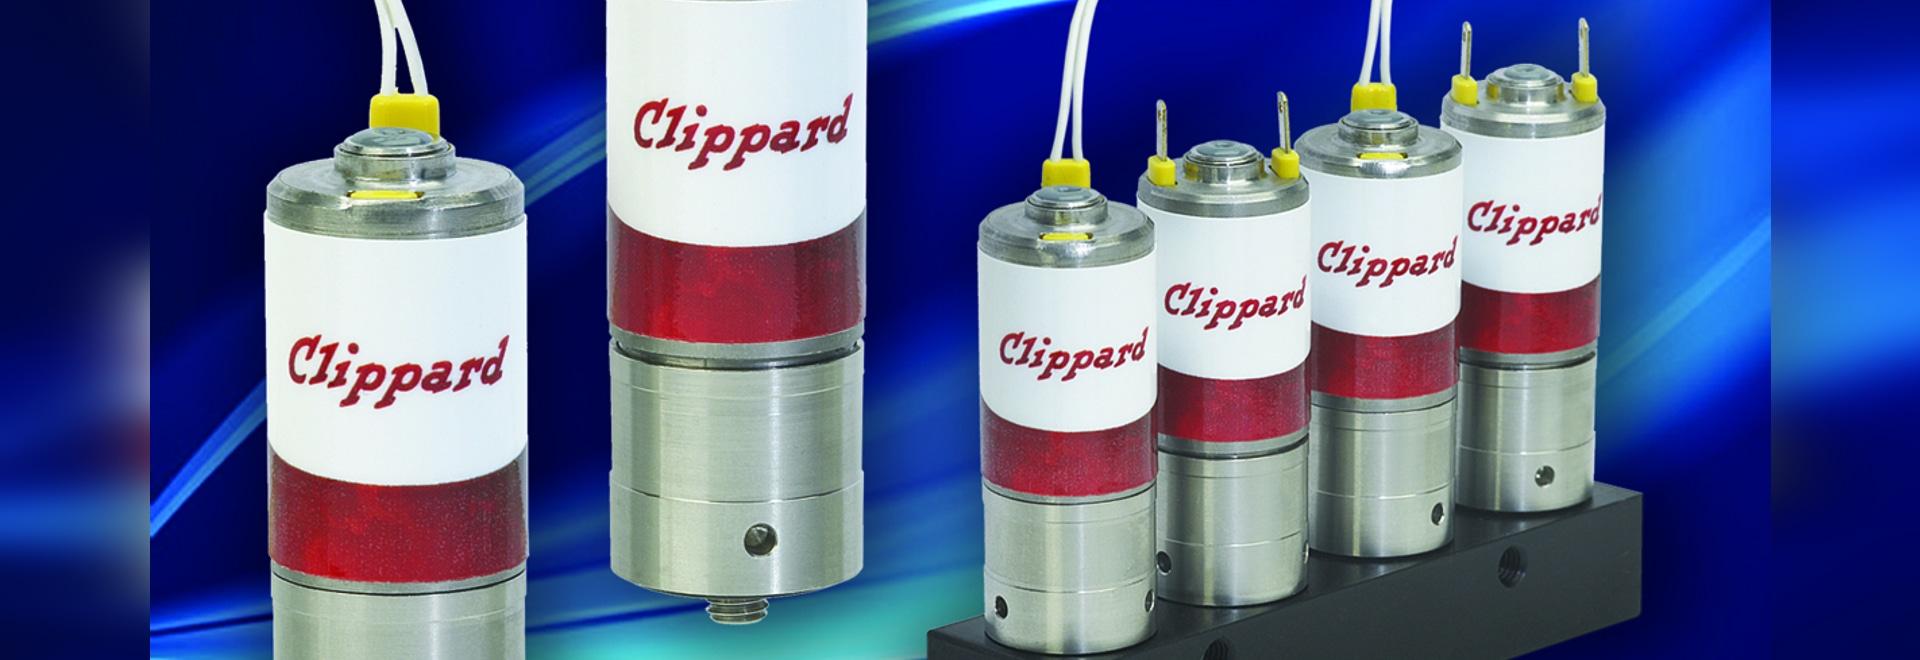 Válvulas proporcionales del DVP de Clippard